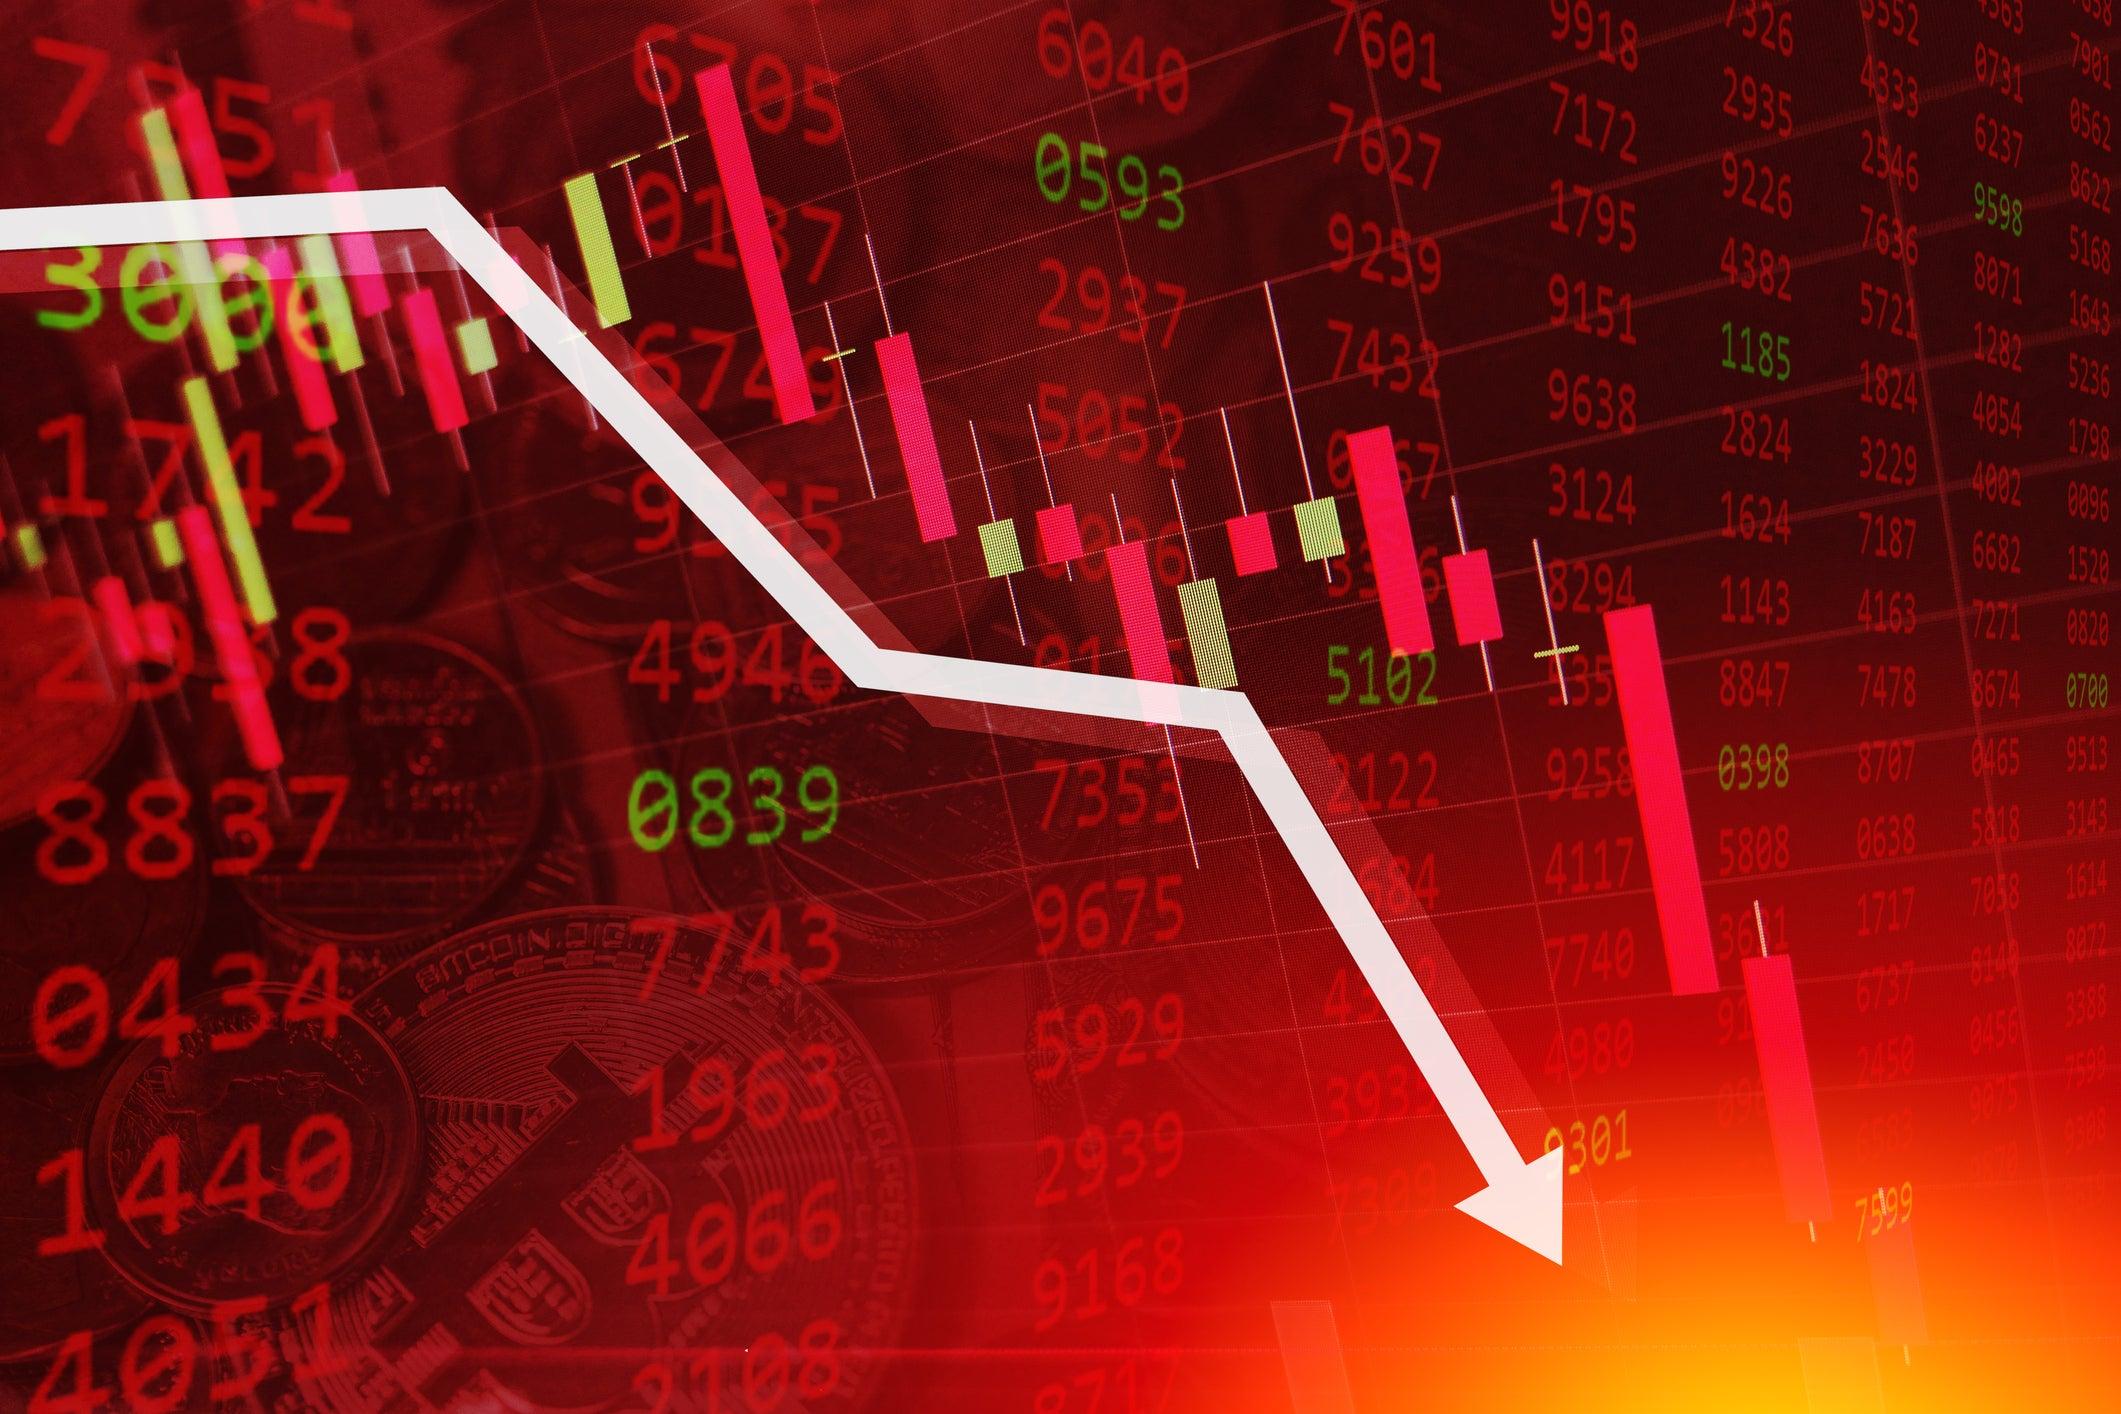 توصیه رئیس جمهور به سهامداران در روز منفی بورس